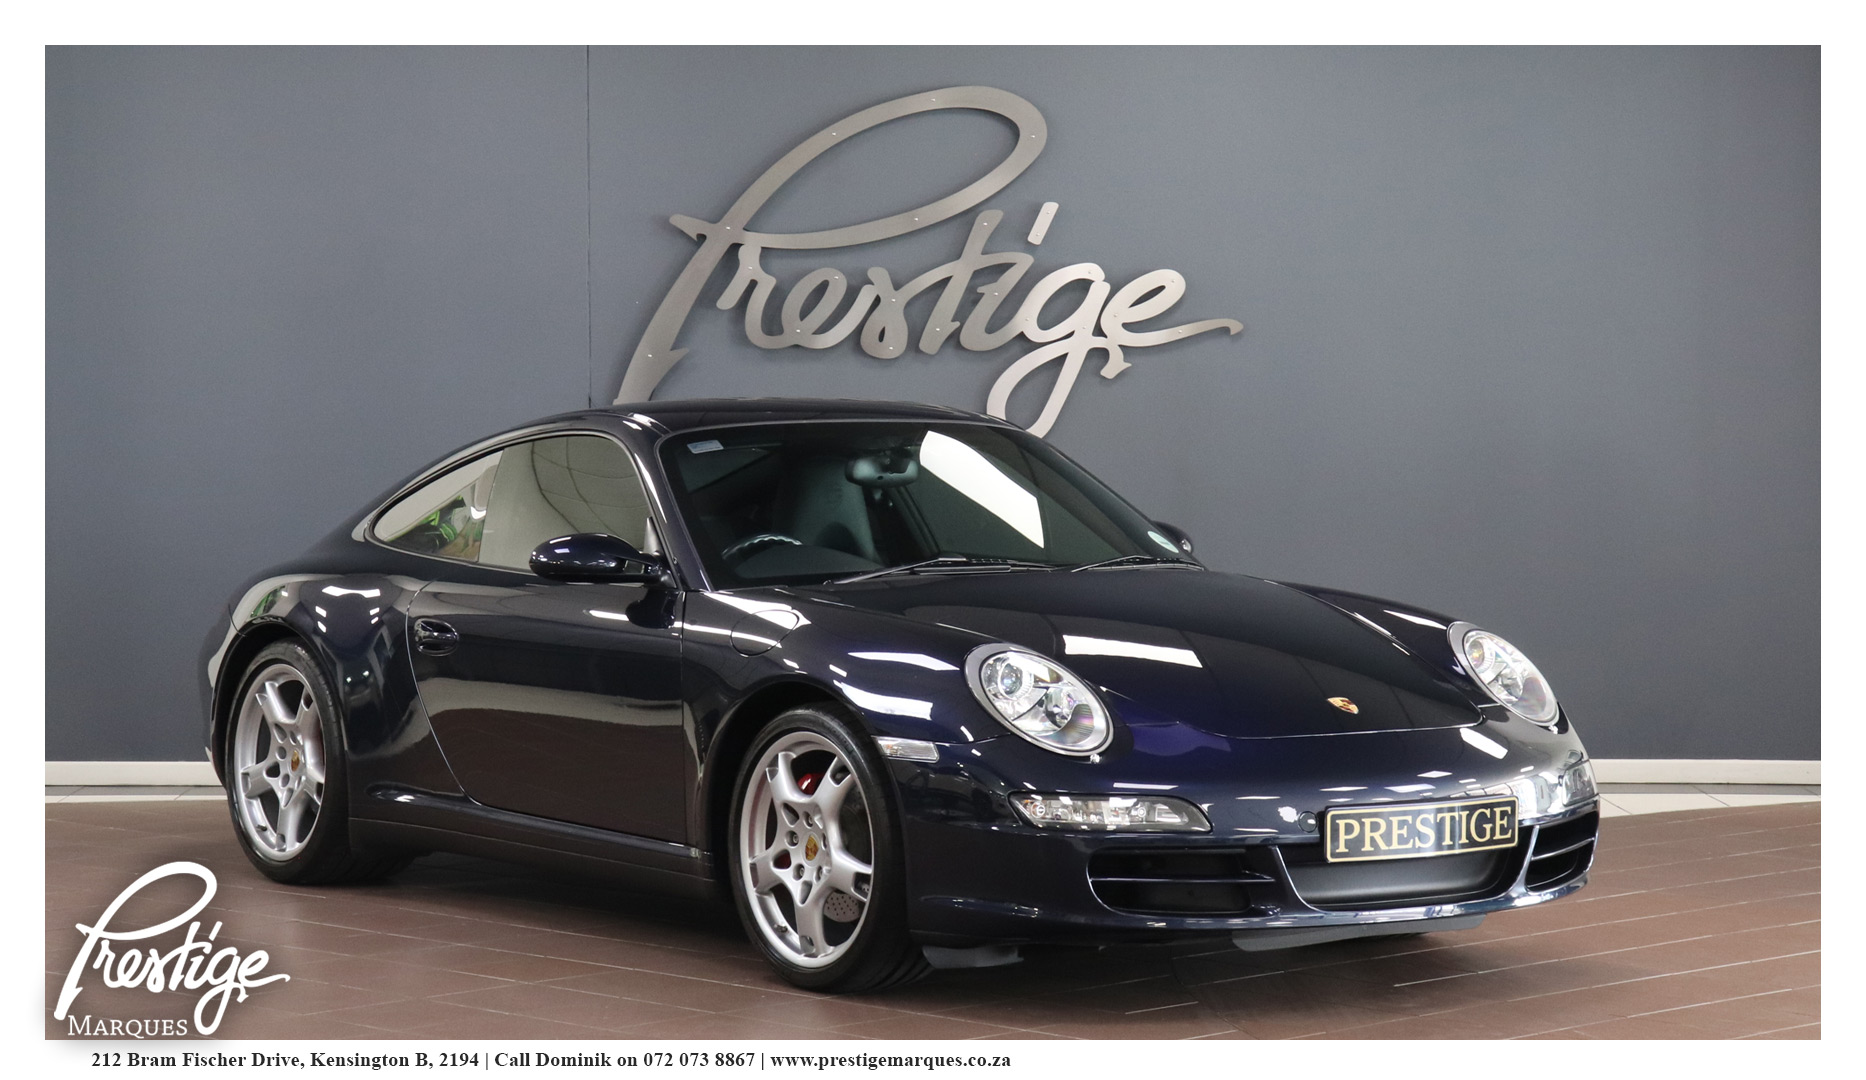 2007-Porsche-911-997-Carerra-4s-manual-prestige-marques-randburg-sandton-1